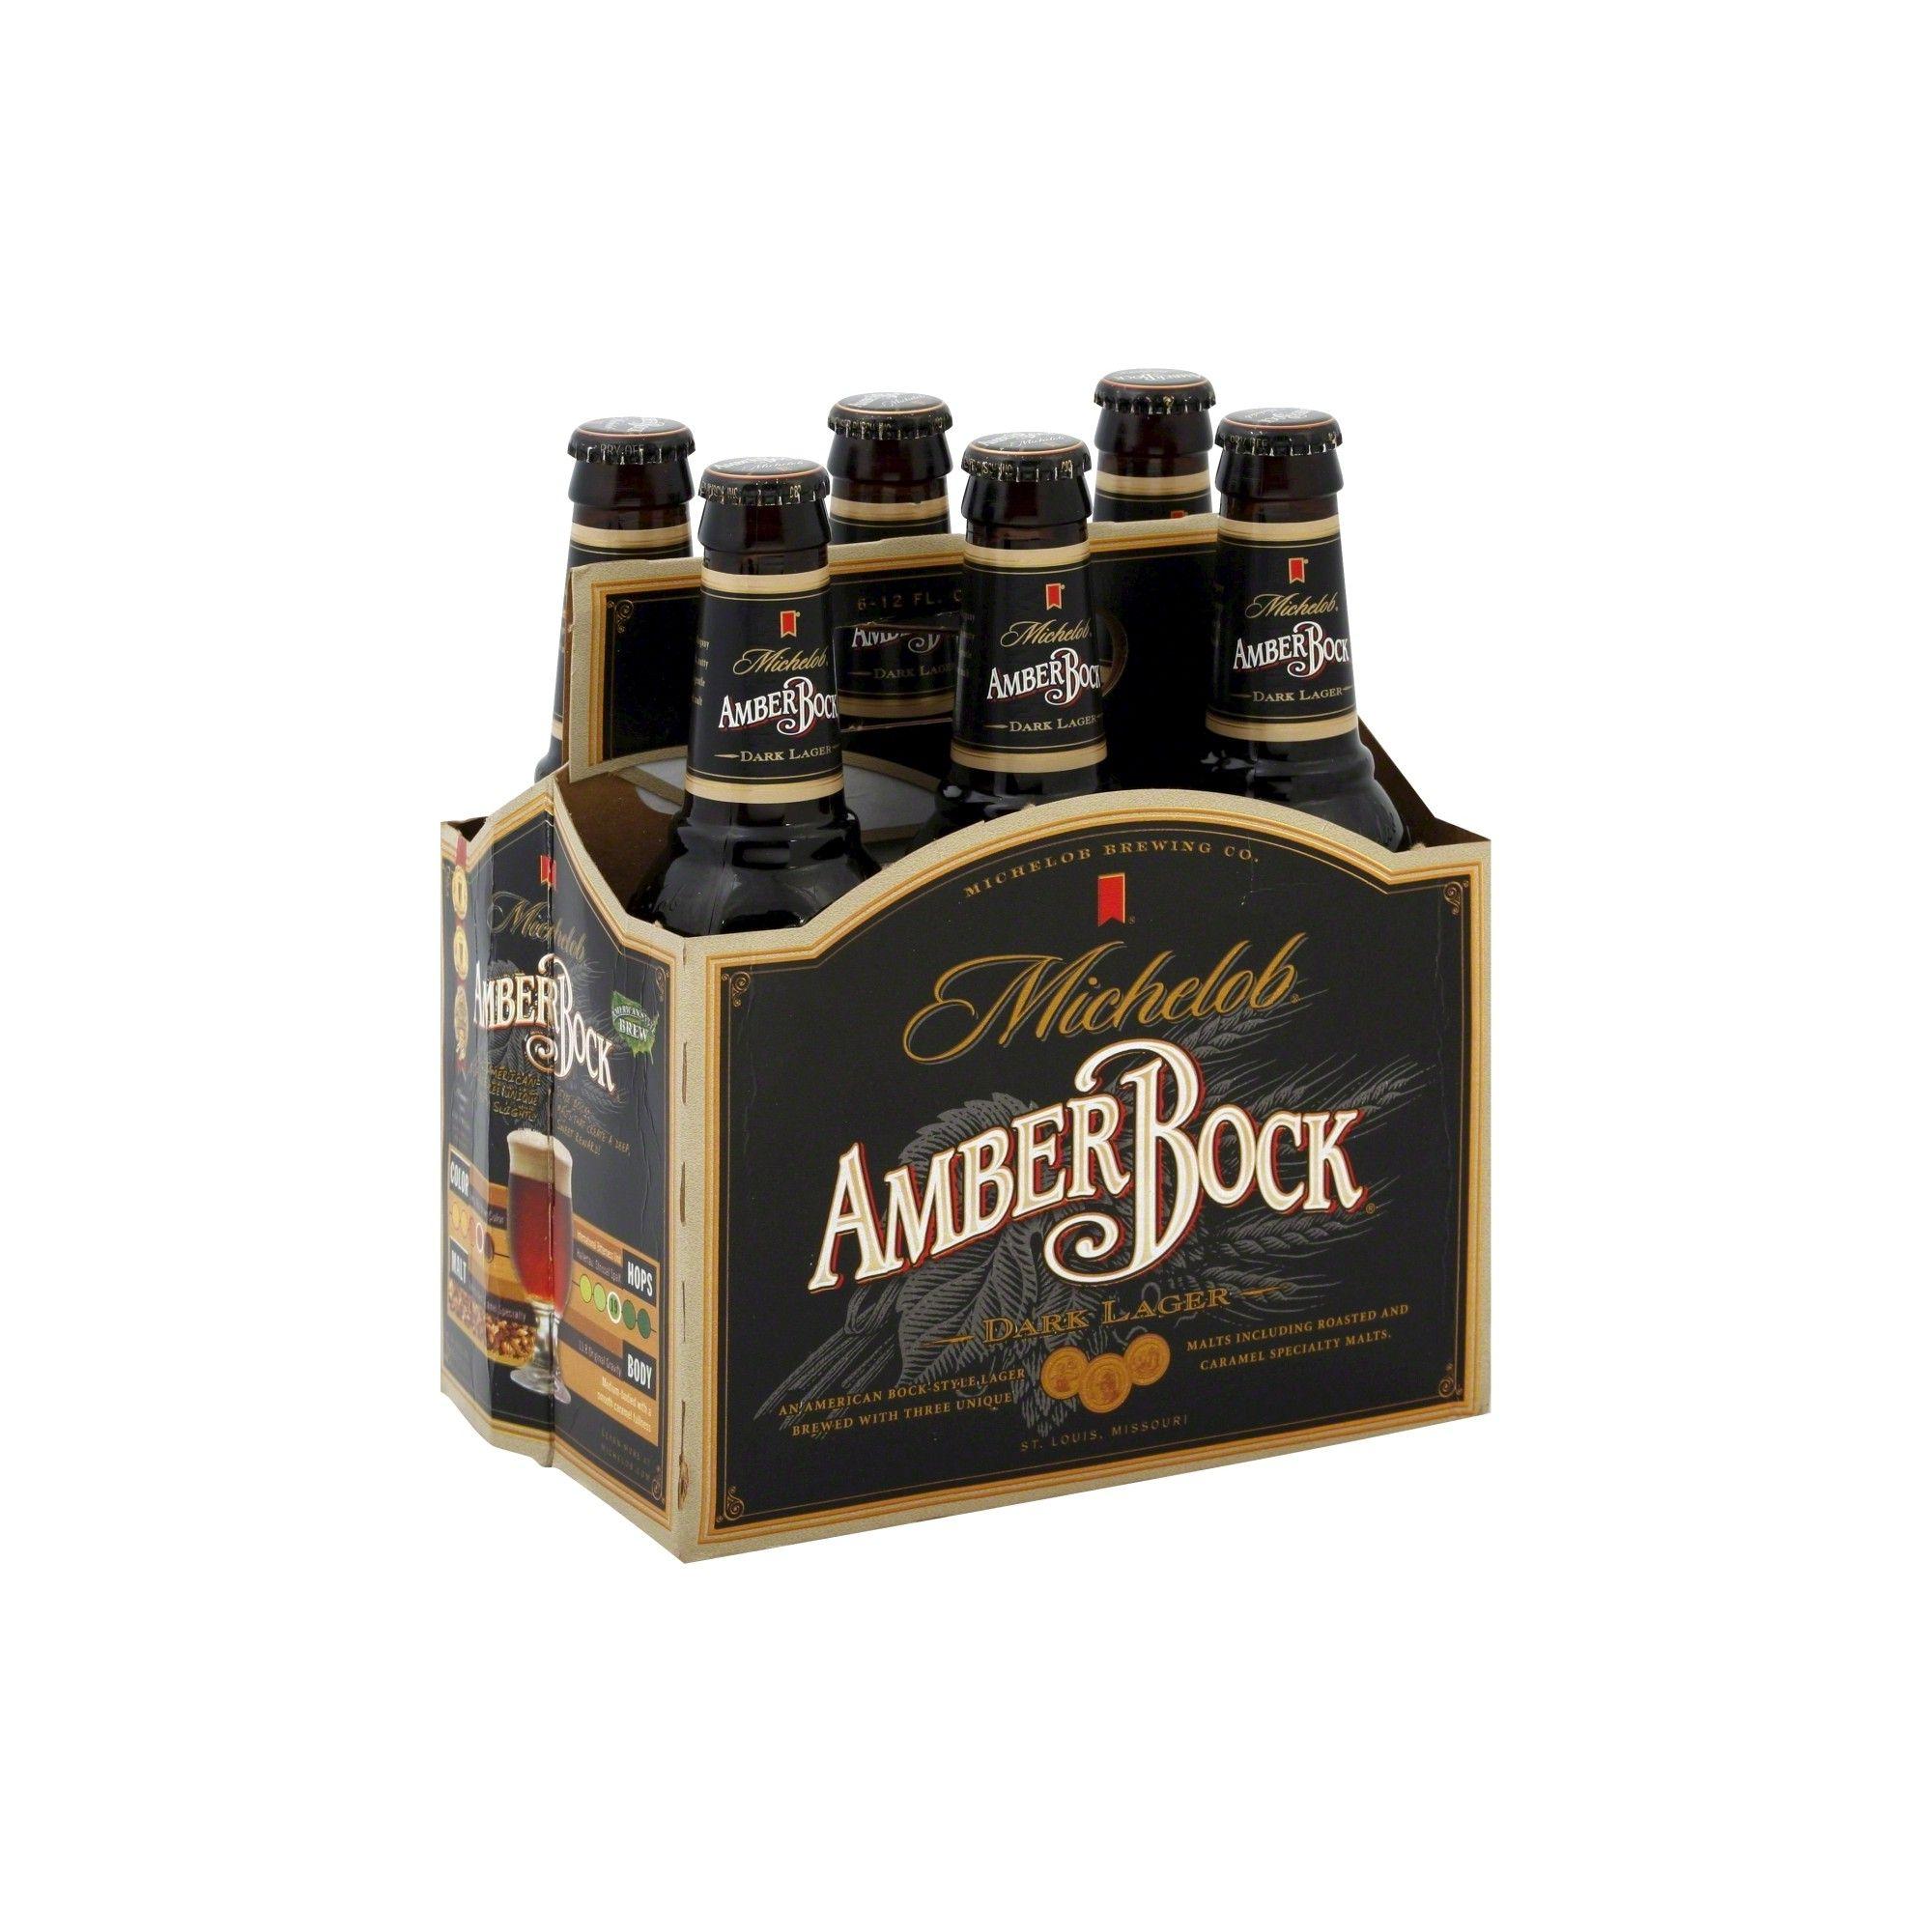 Michelob Amber Bock Beer 6pk 12oz Bottles Bottle Beer